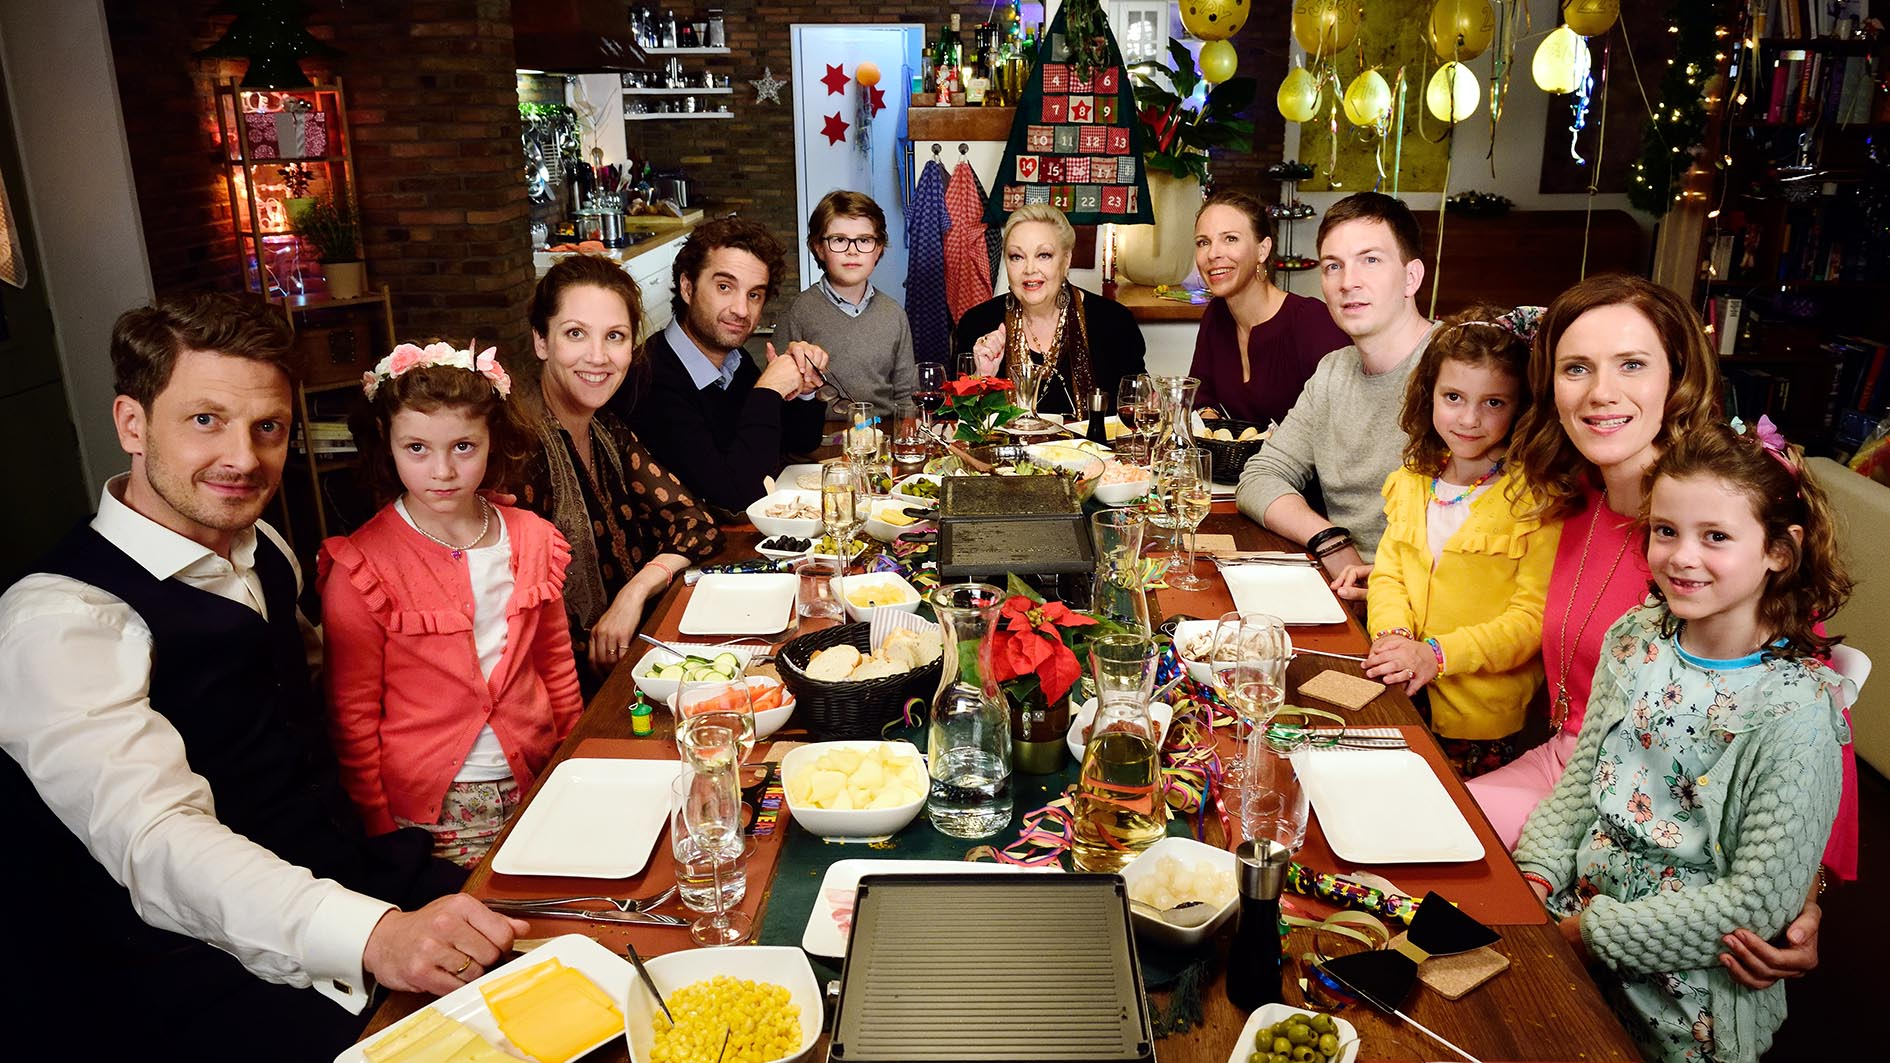 Ndr Weihnachtsbaum.Ndr Dreht Silvester Komödie Mit Anneke Kim Sarnau Und Oliver Wnuk